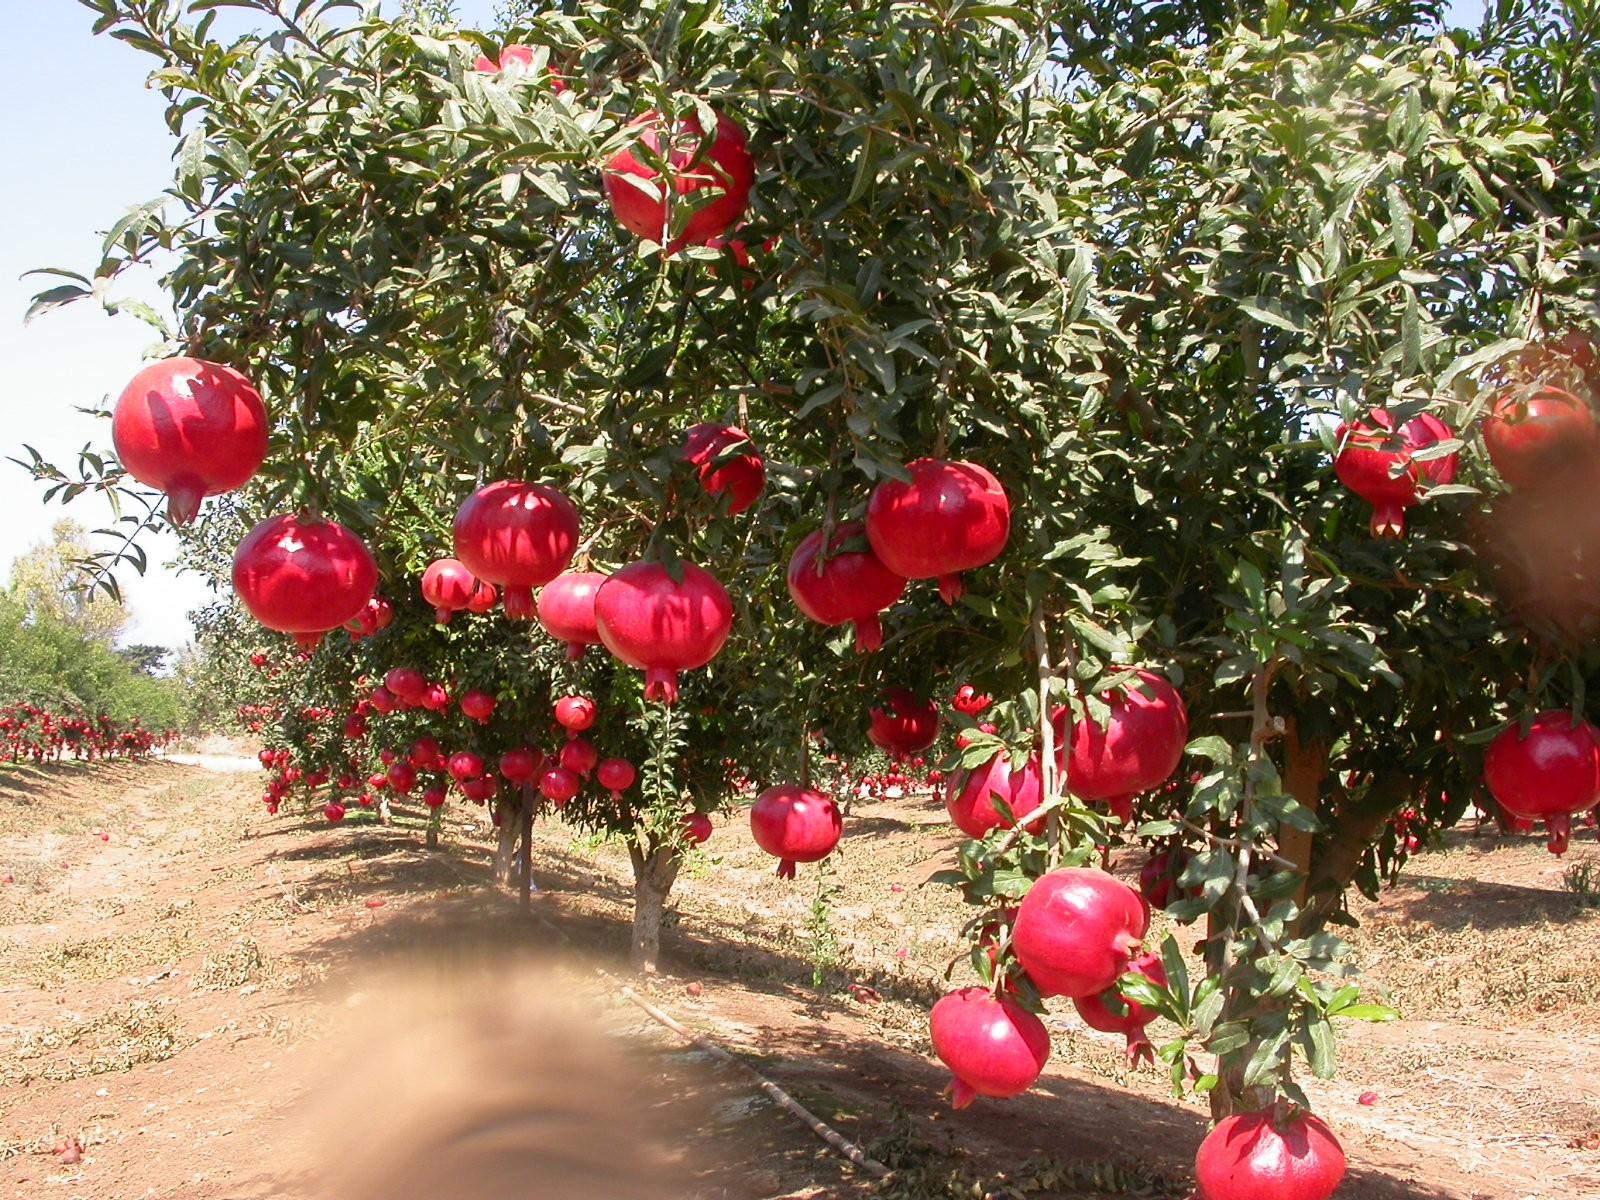 نتیجه تصویری برای Iranian fruit